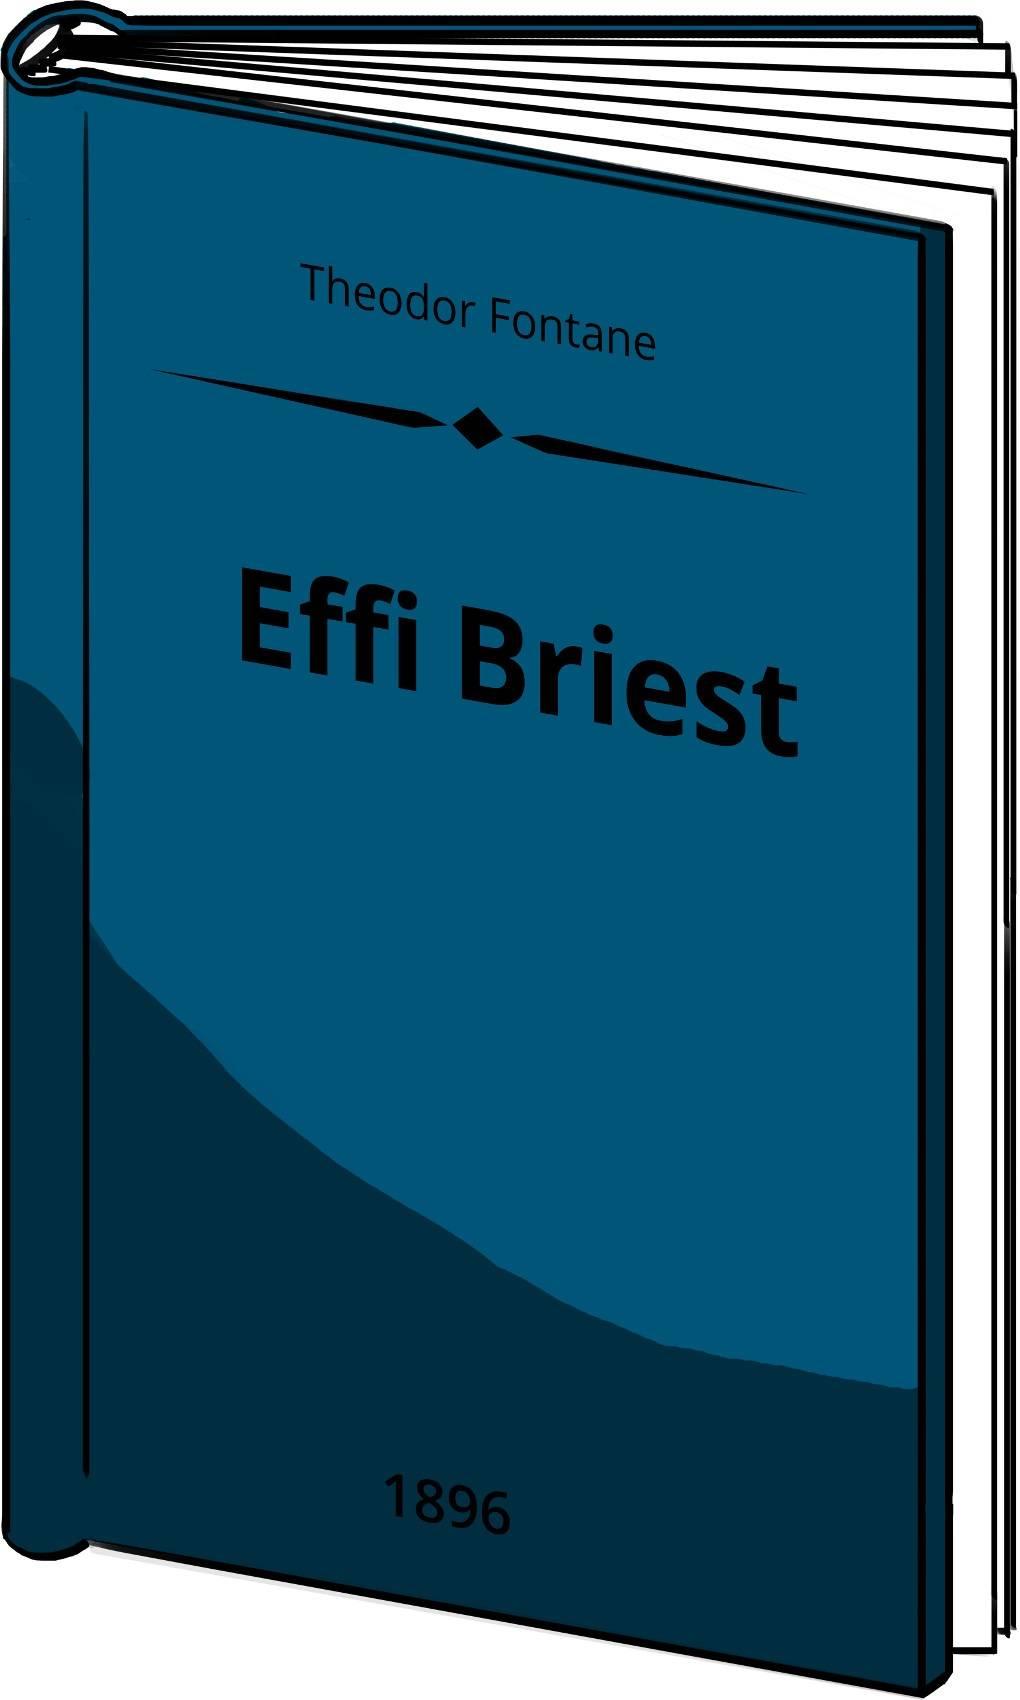 Effi Briest von Theodor Fontante.jpg